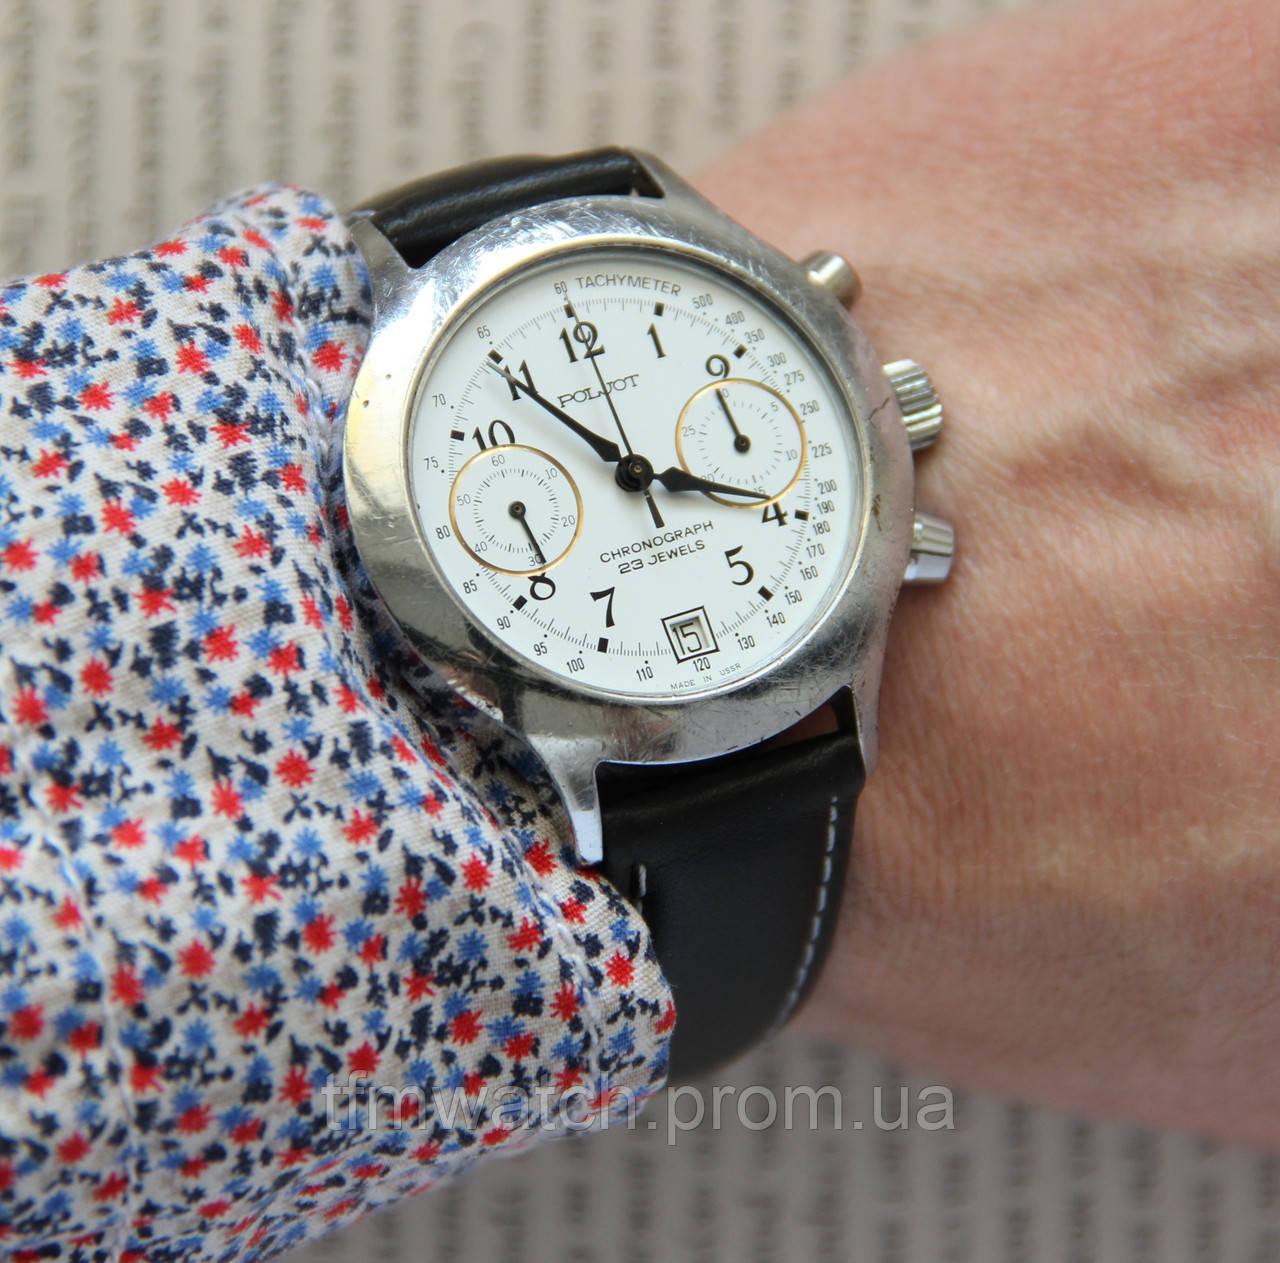 Хронографы часы купить в механизм часов купить в челябинске